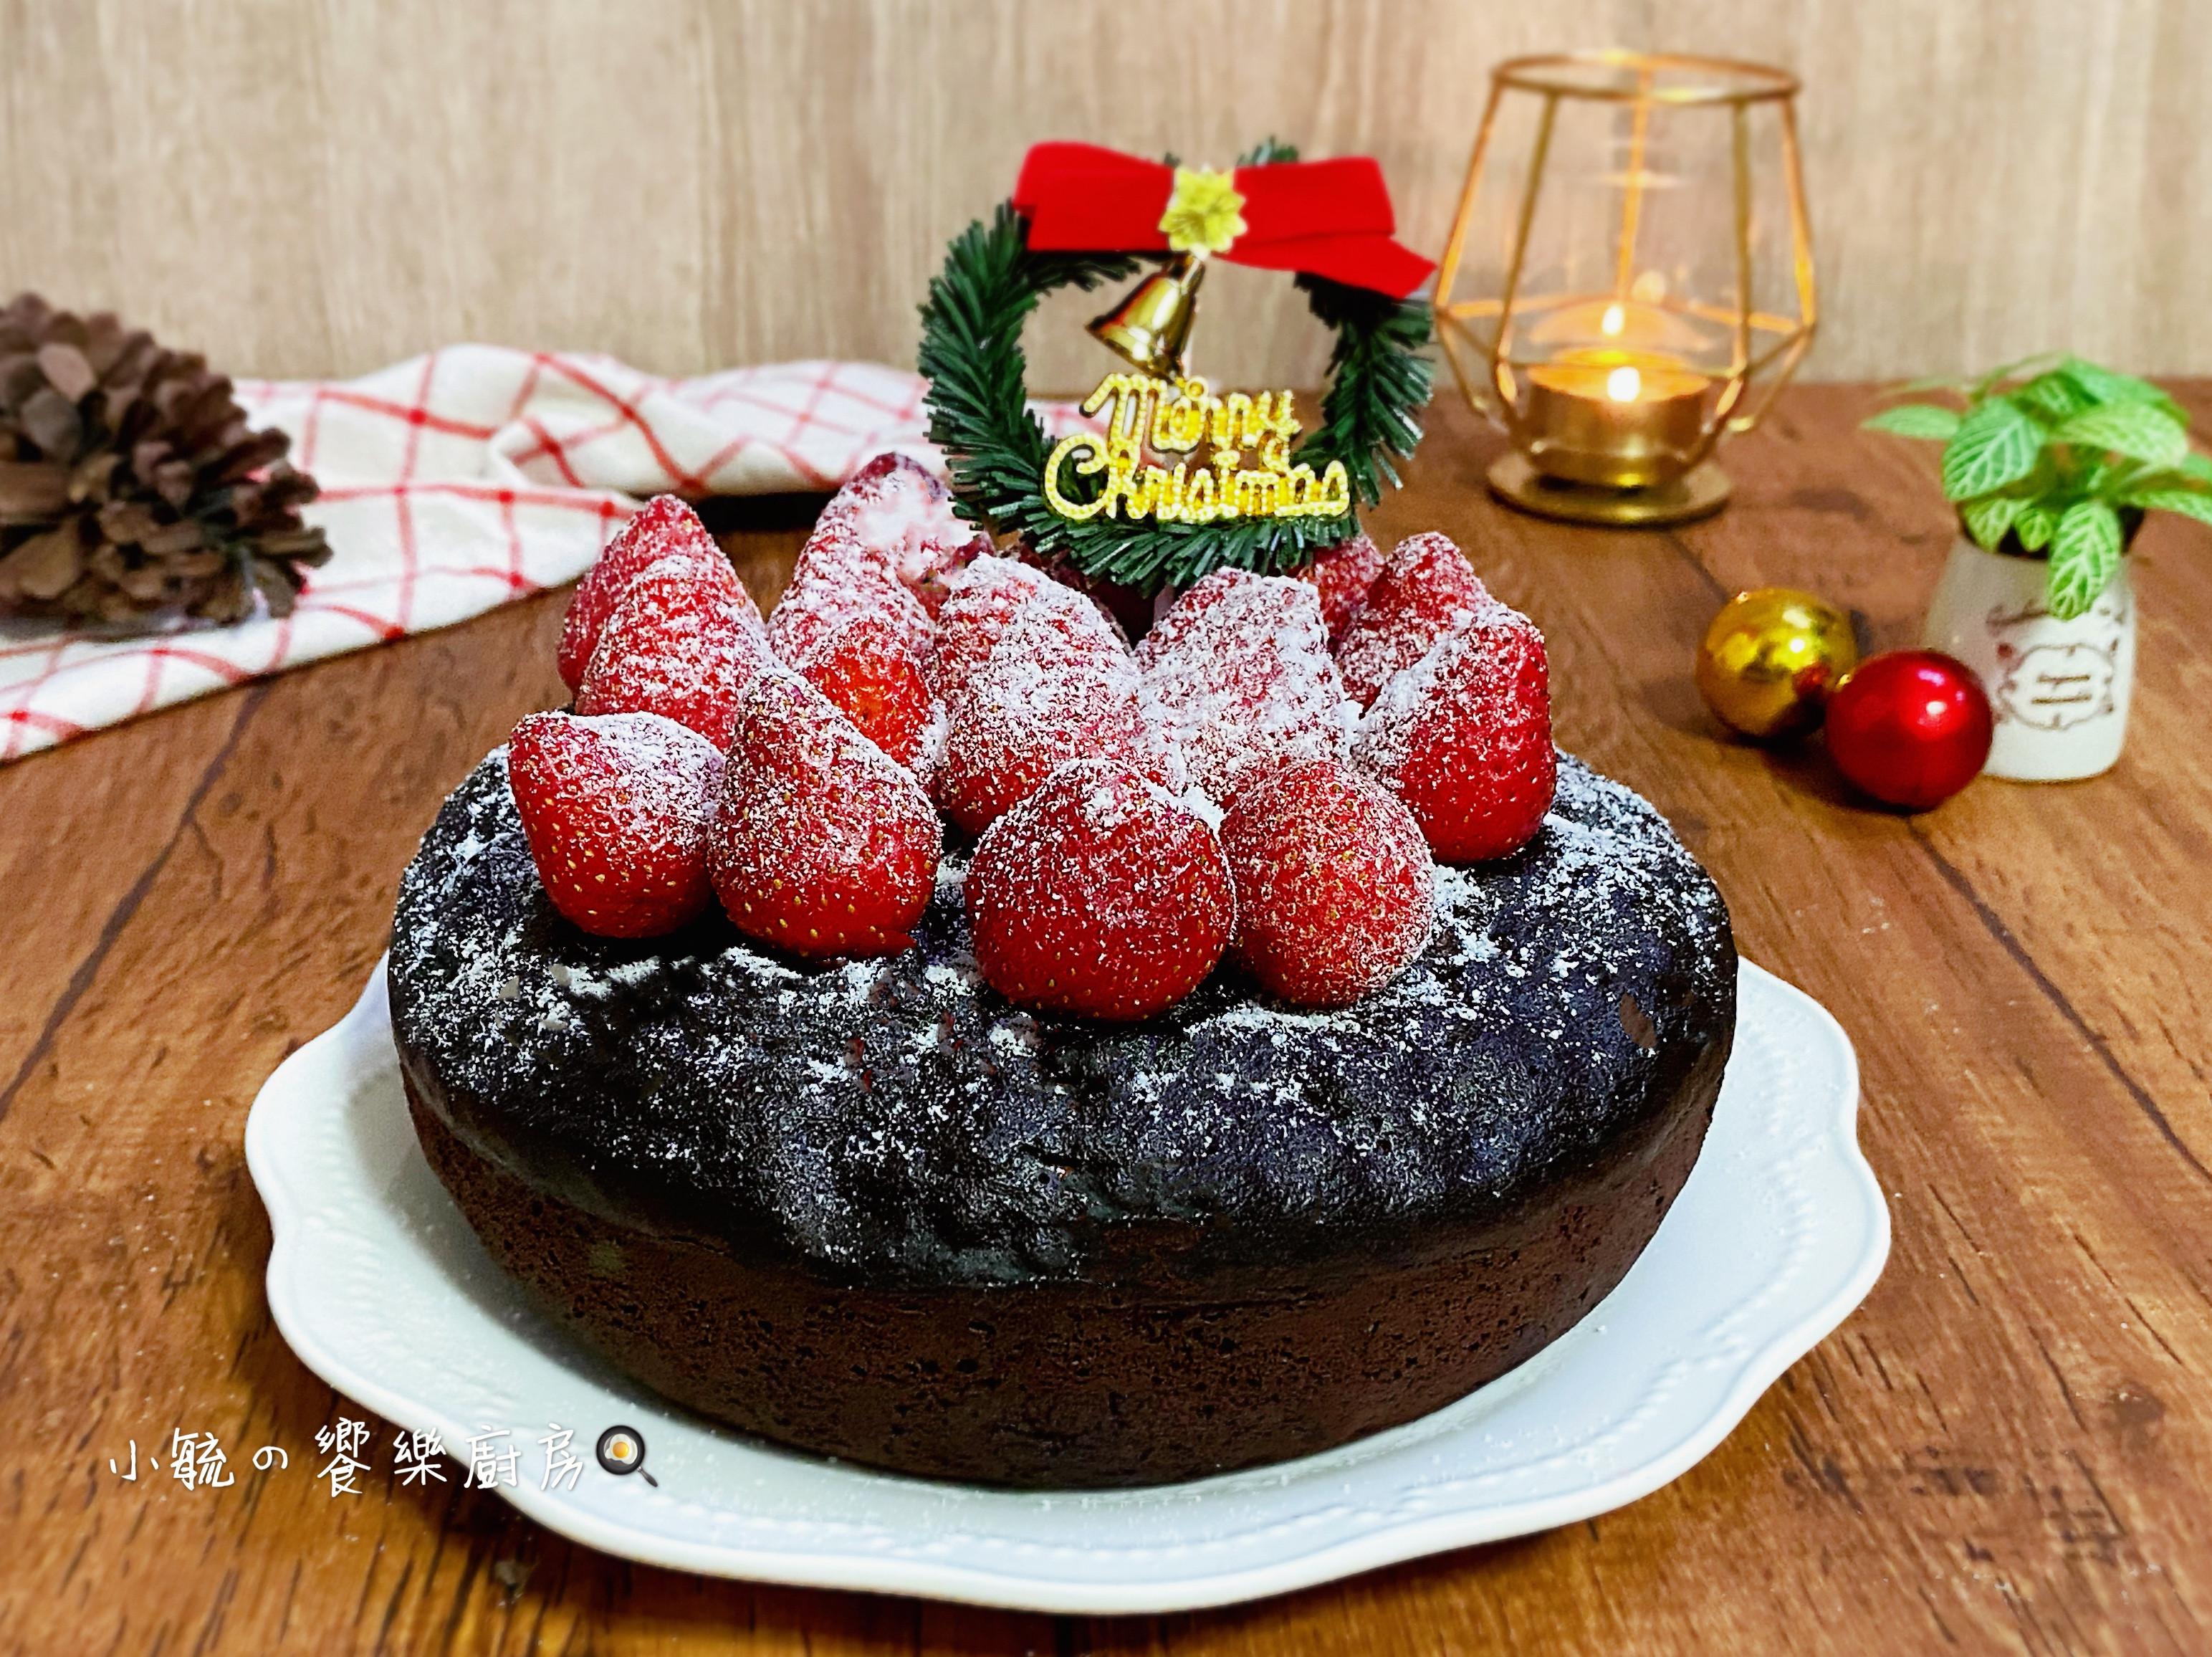 🎄聖誕草莓香蕉布朗尼